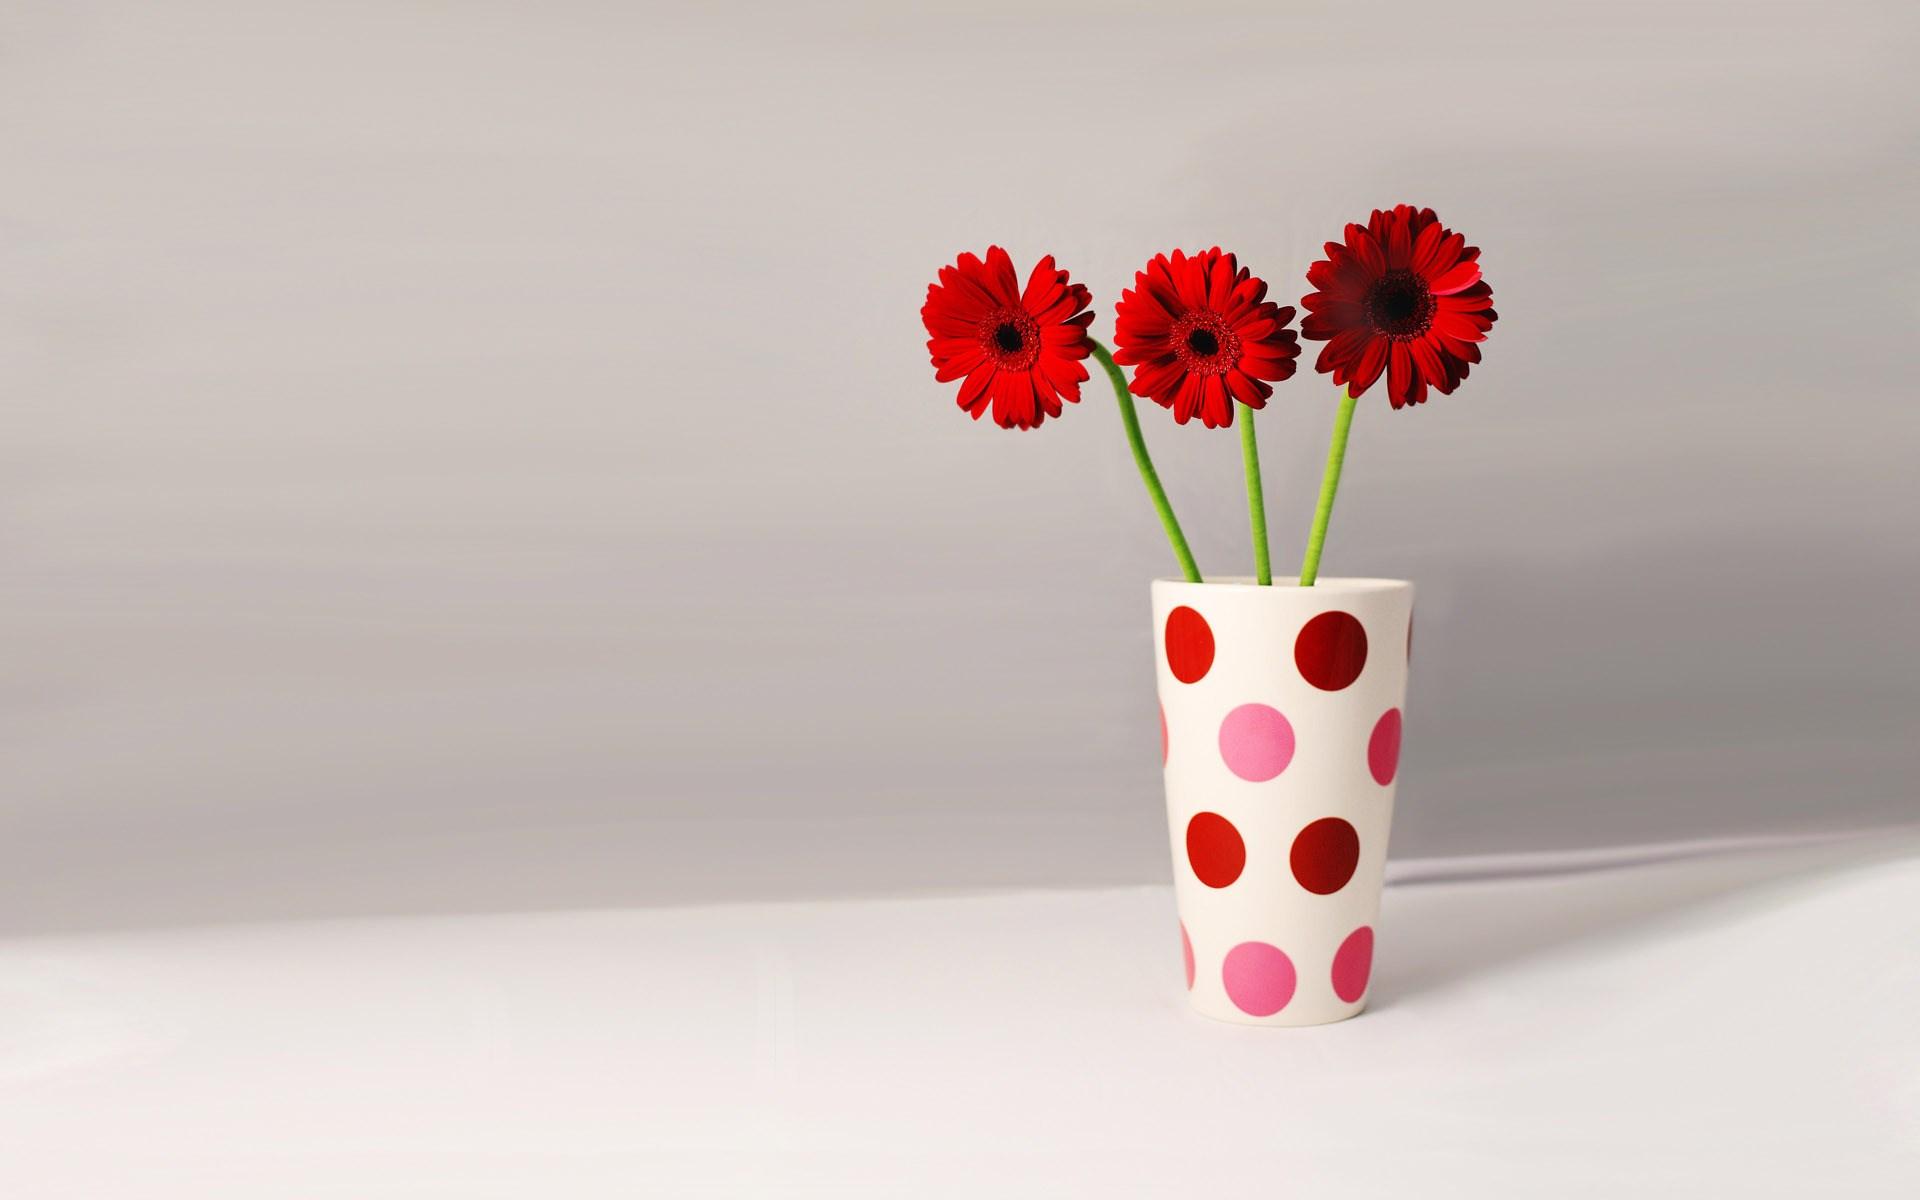 Flowers in vase wallpaper wallpapersafari gerberas petals red cup flowers vase reviewsmspy